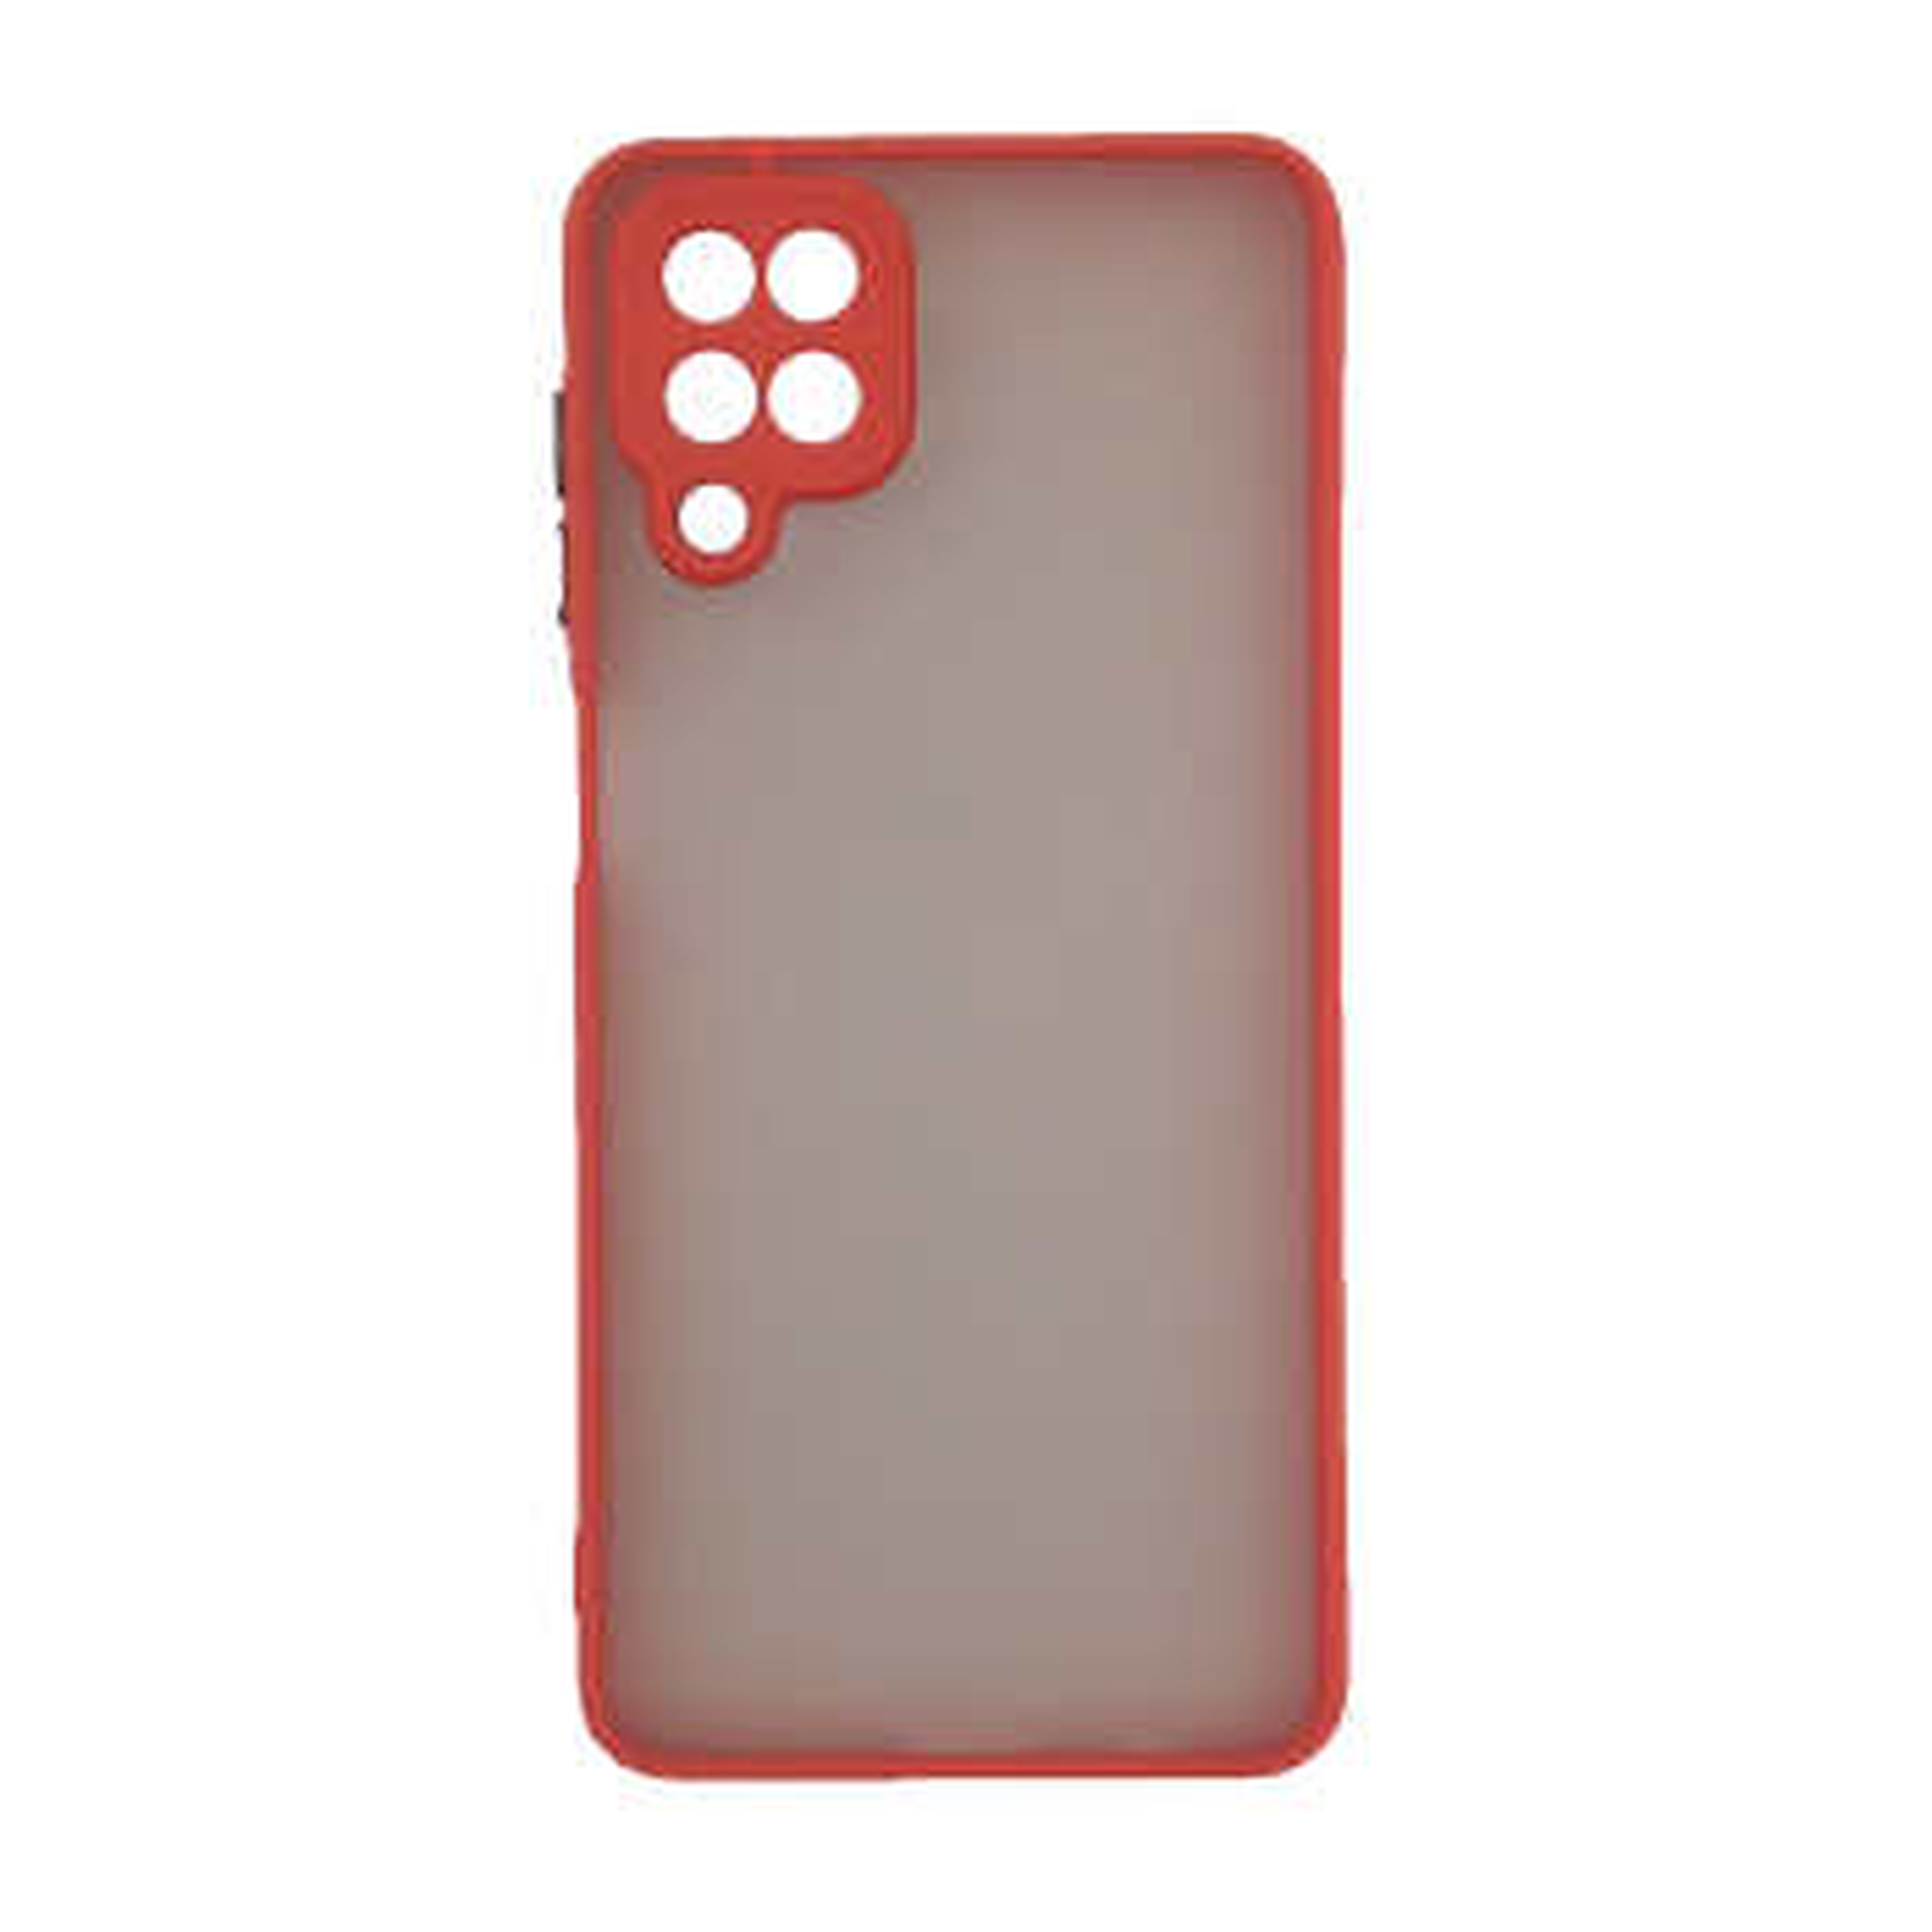 کاور مدل MA مناسب برای گوشی موبایل سامسونگ galaxy A12